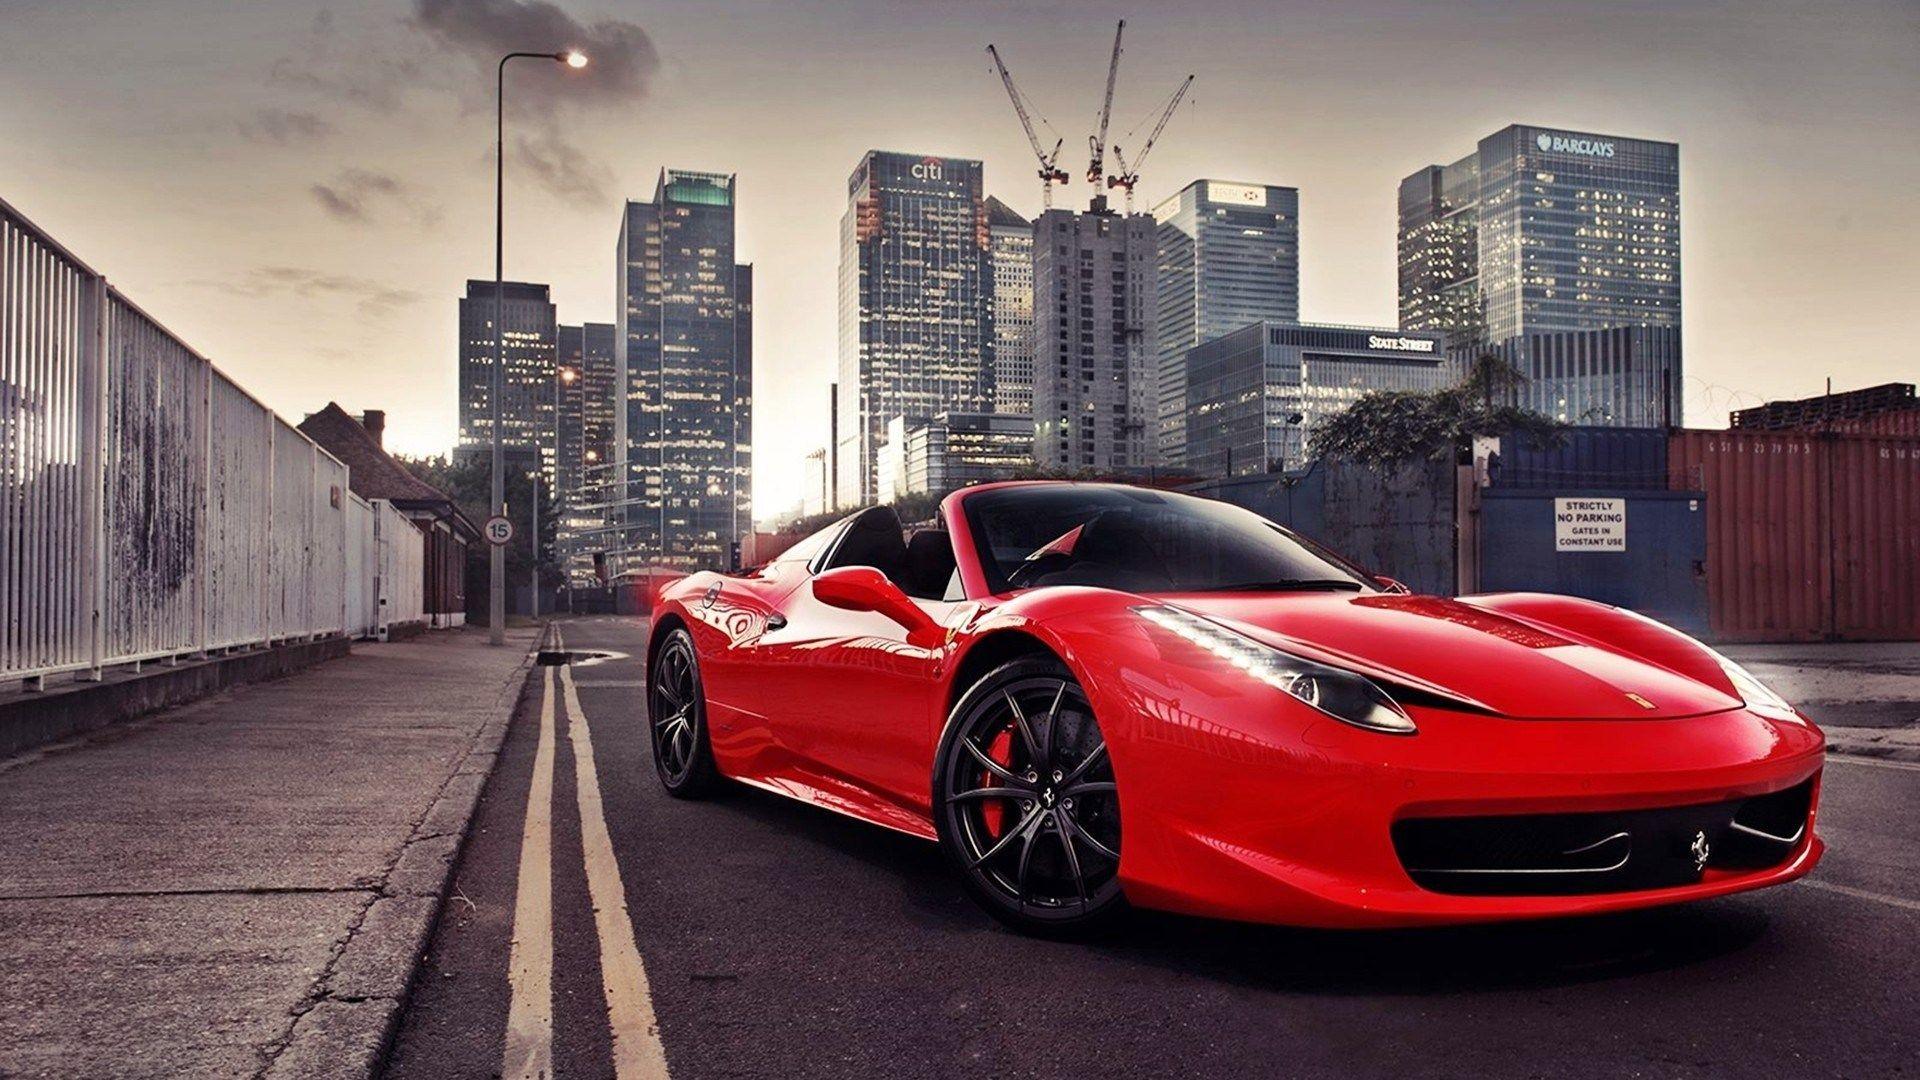 Res: 1920x1080, Ferrari Wallpapers 458 Photo